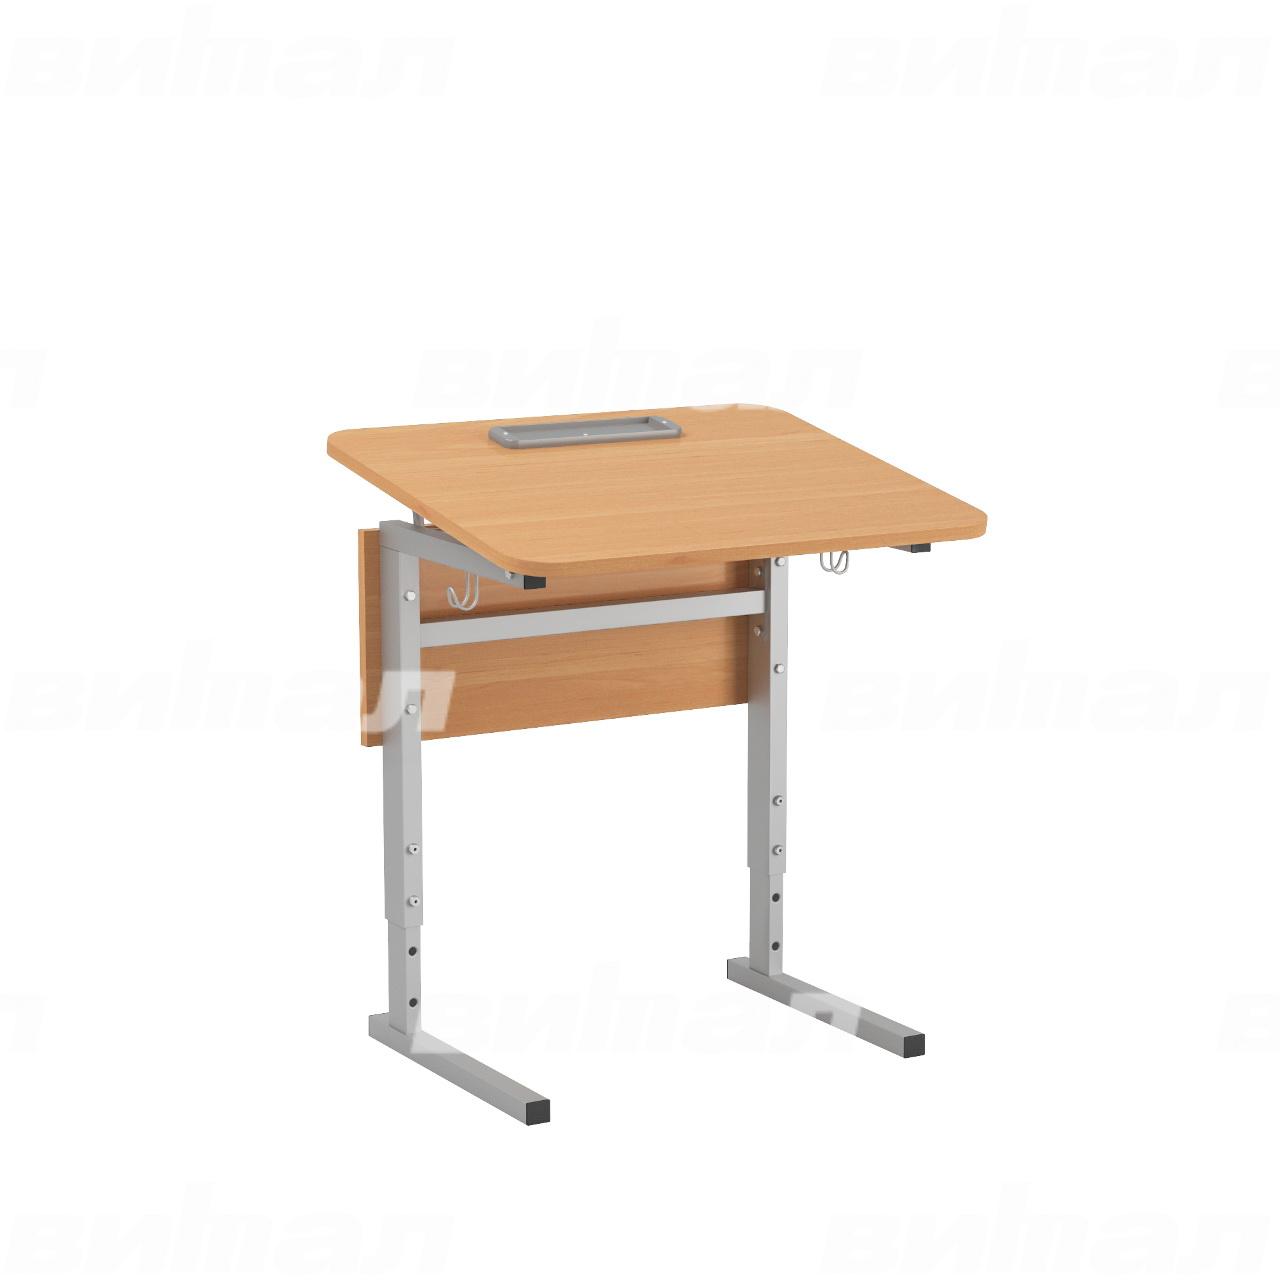 Стол 1-местный регулир. высота и наклон столешницы 0-10° (гр 2-4, 3-5 или 4-6) серый Ольха 4-6 Меламин прямоугольная